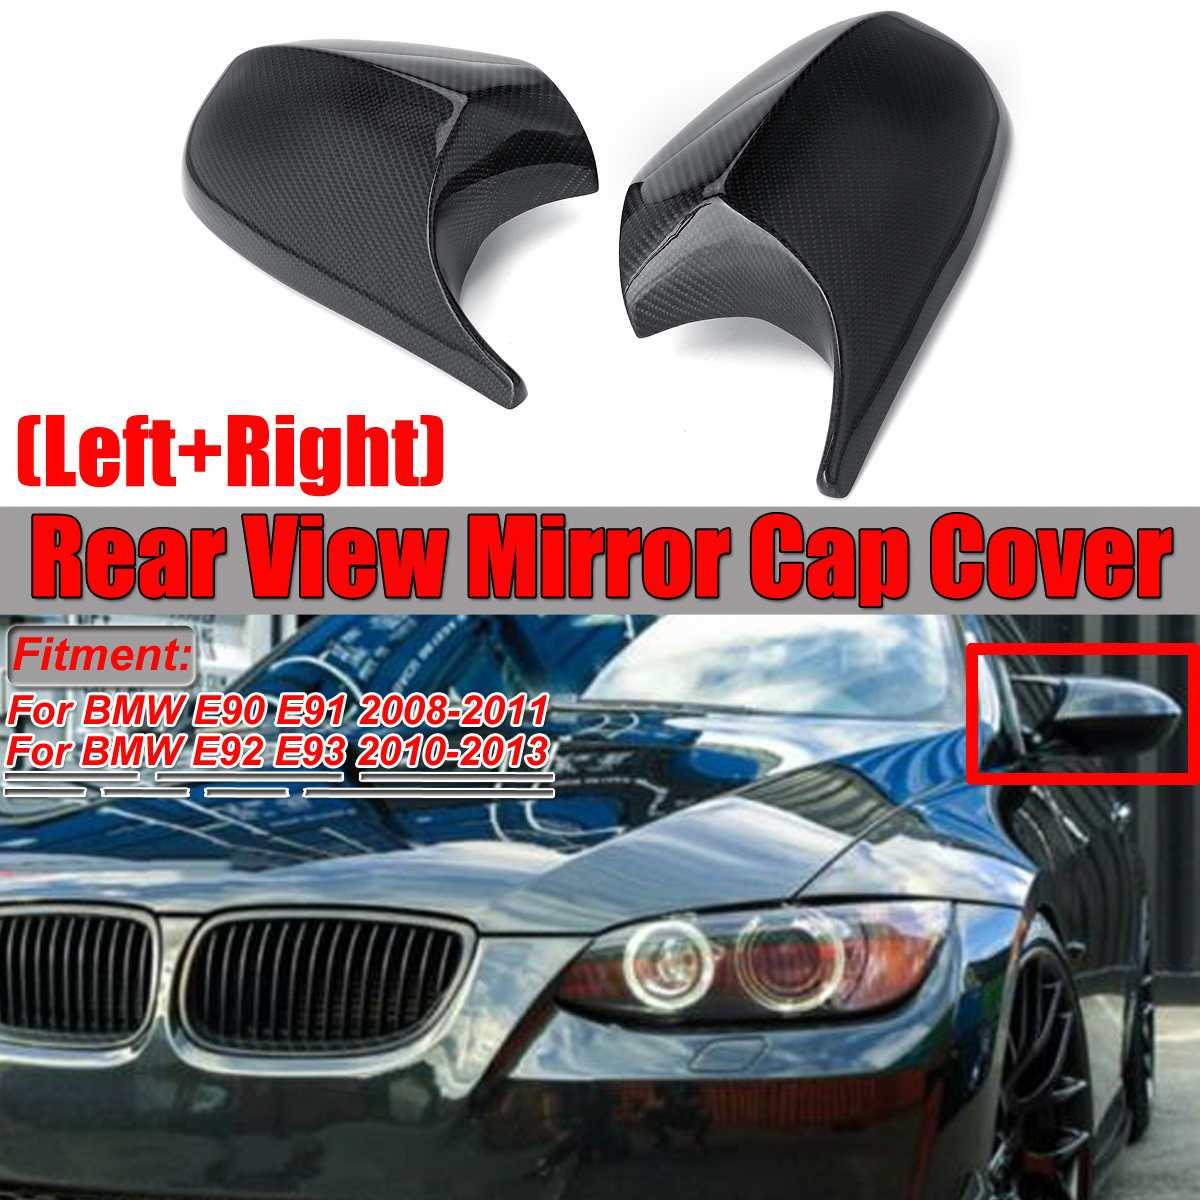 2 قطعة ألياف الكربون الحقيقي/ABS مرآة غطاء E90 سيارة مرآة الرؤية الخلفية غطاء تغليف مباشرة استبدال لسيارات BMW E90 E91 08-11 E92 E93 10-13 LCI